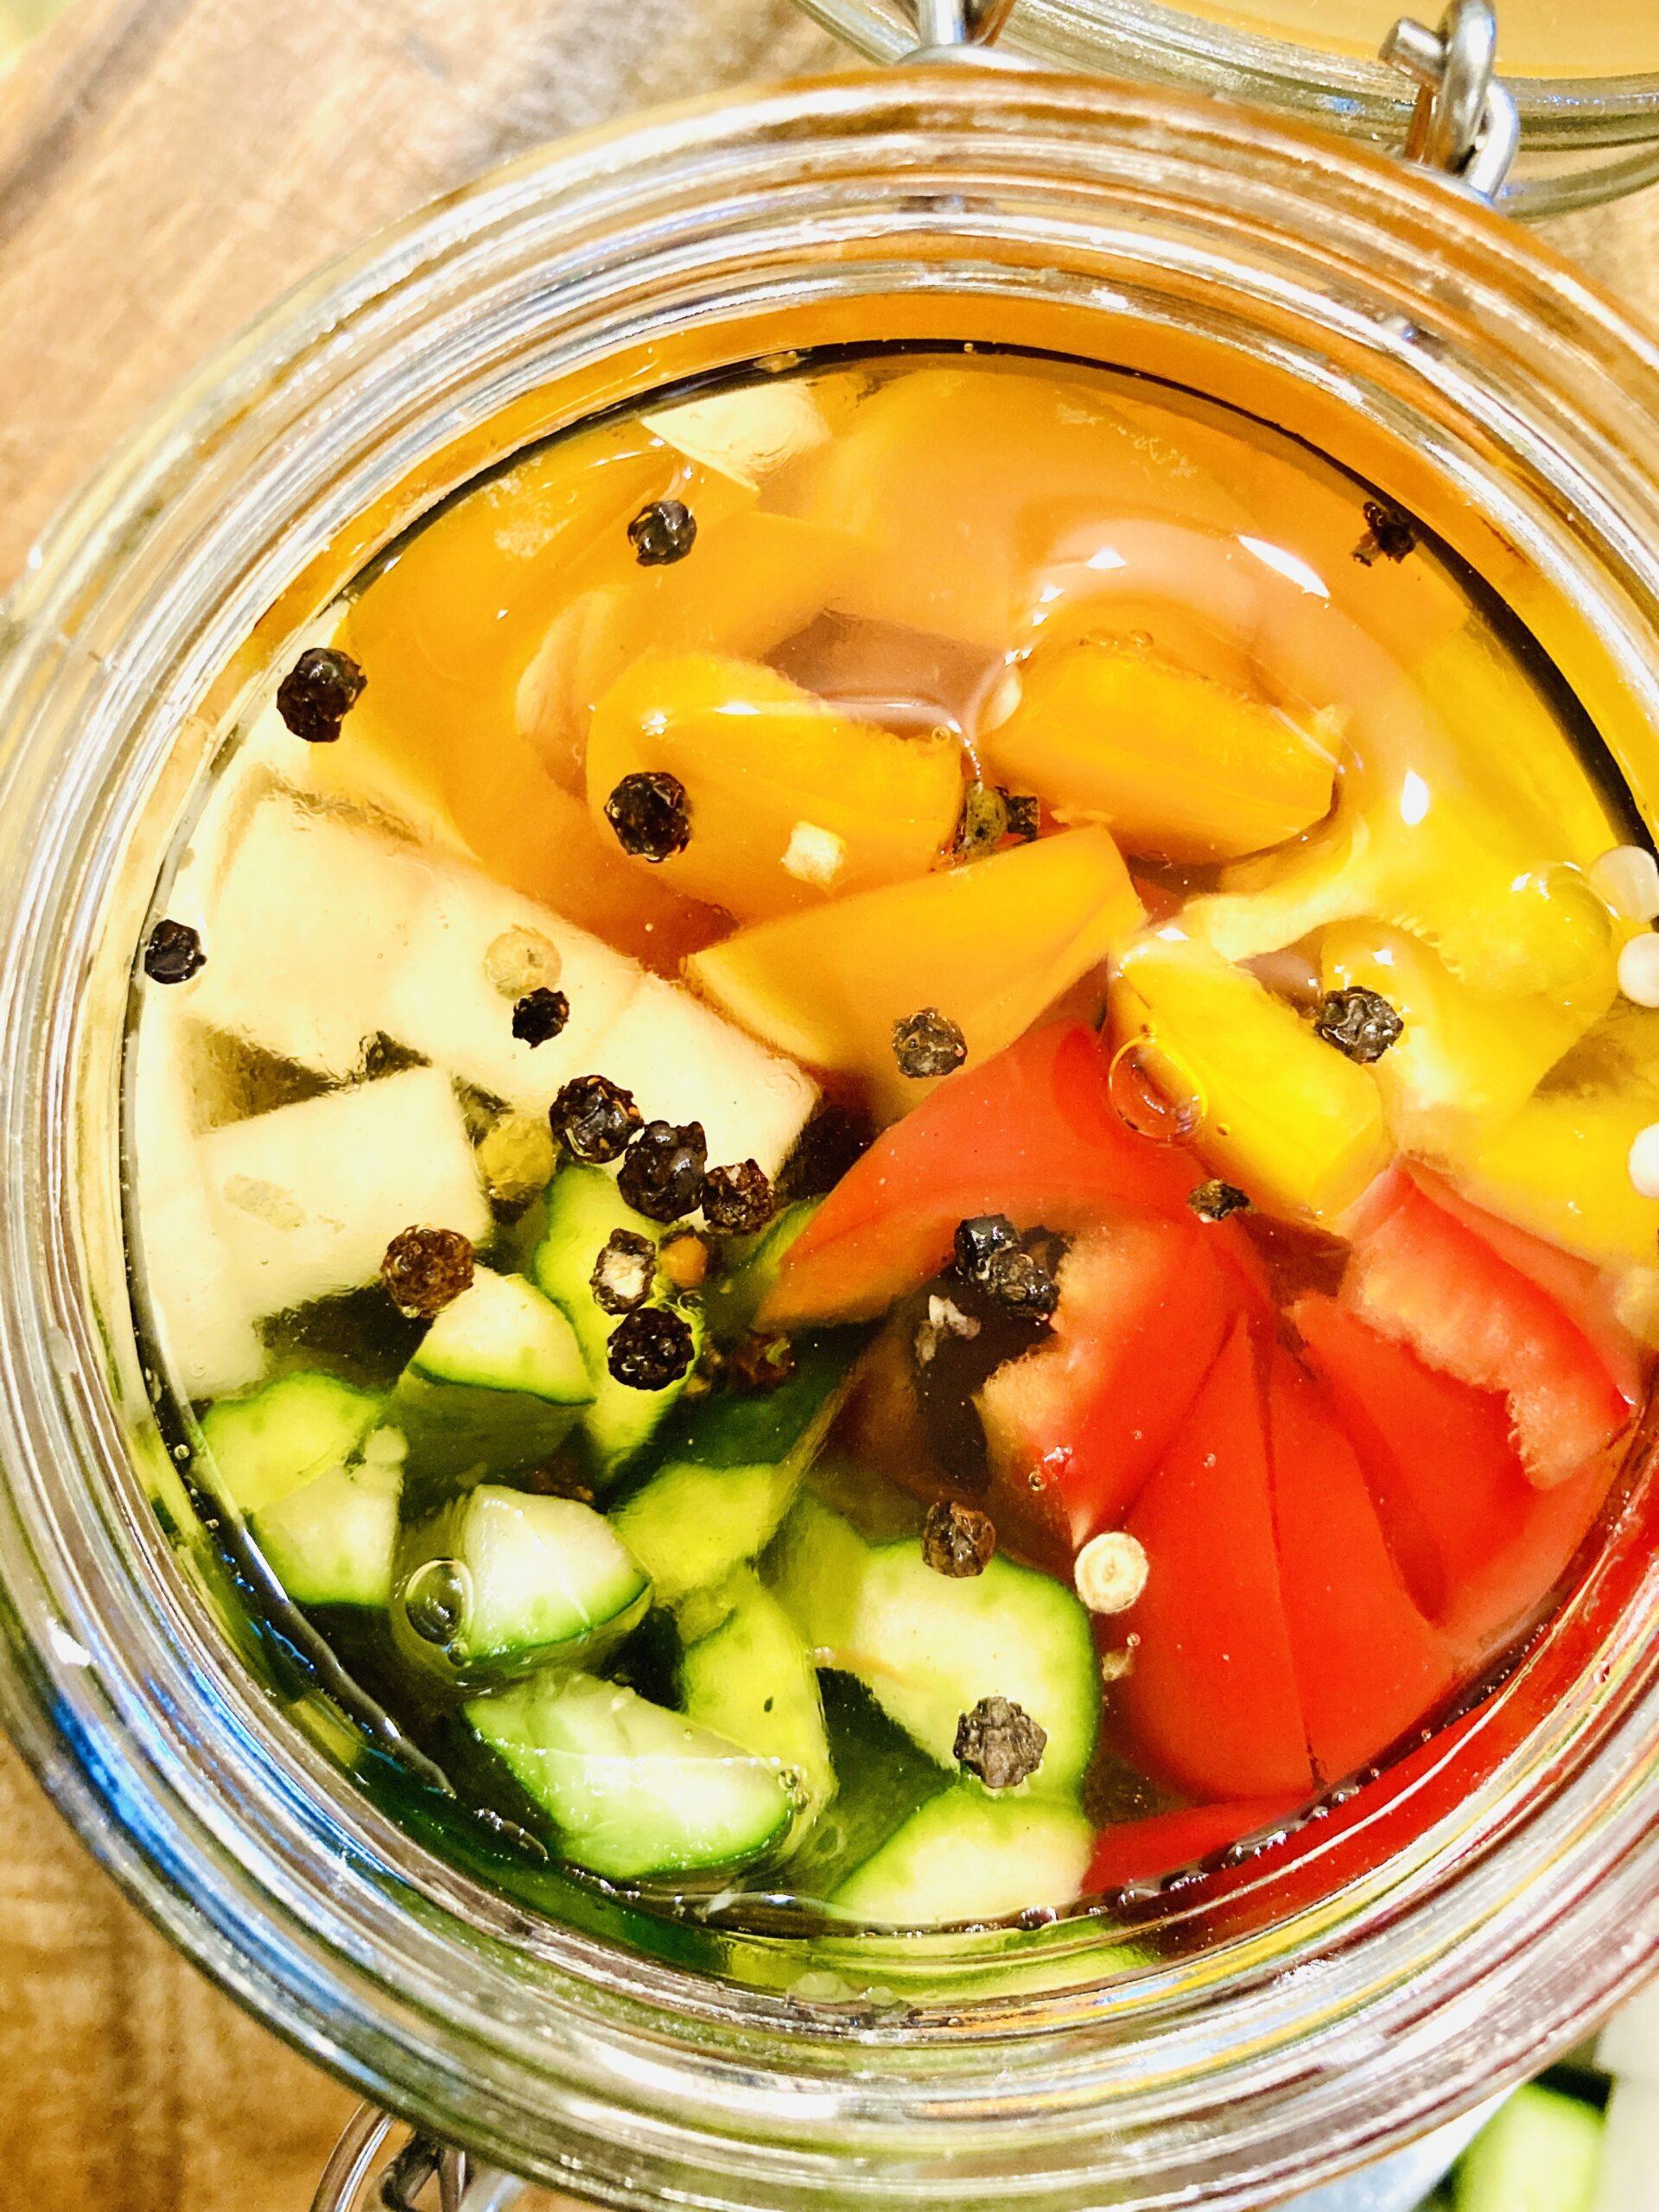 熱湯消毒したガラス瓶に、切り分けた野菜を詰め、粒胡椒、酢を注ぎます